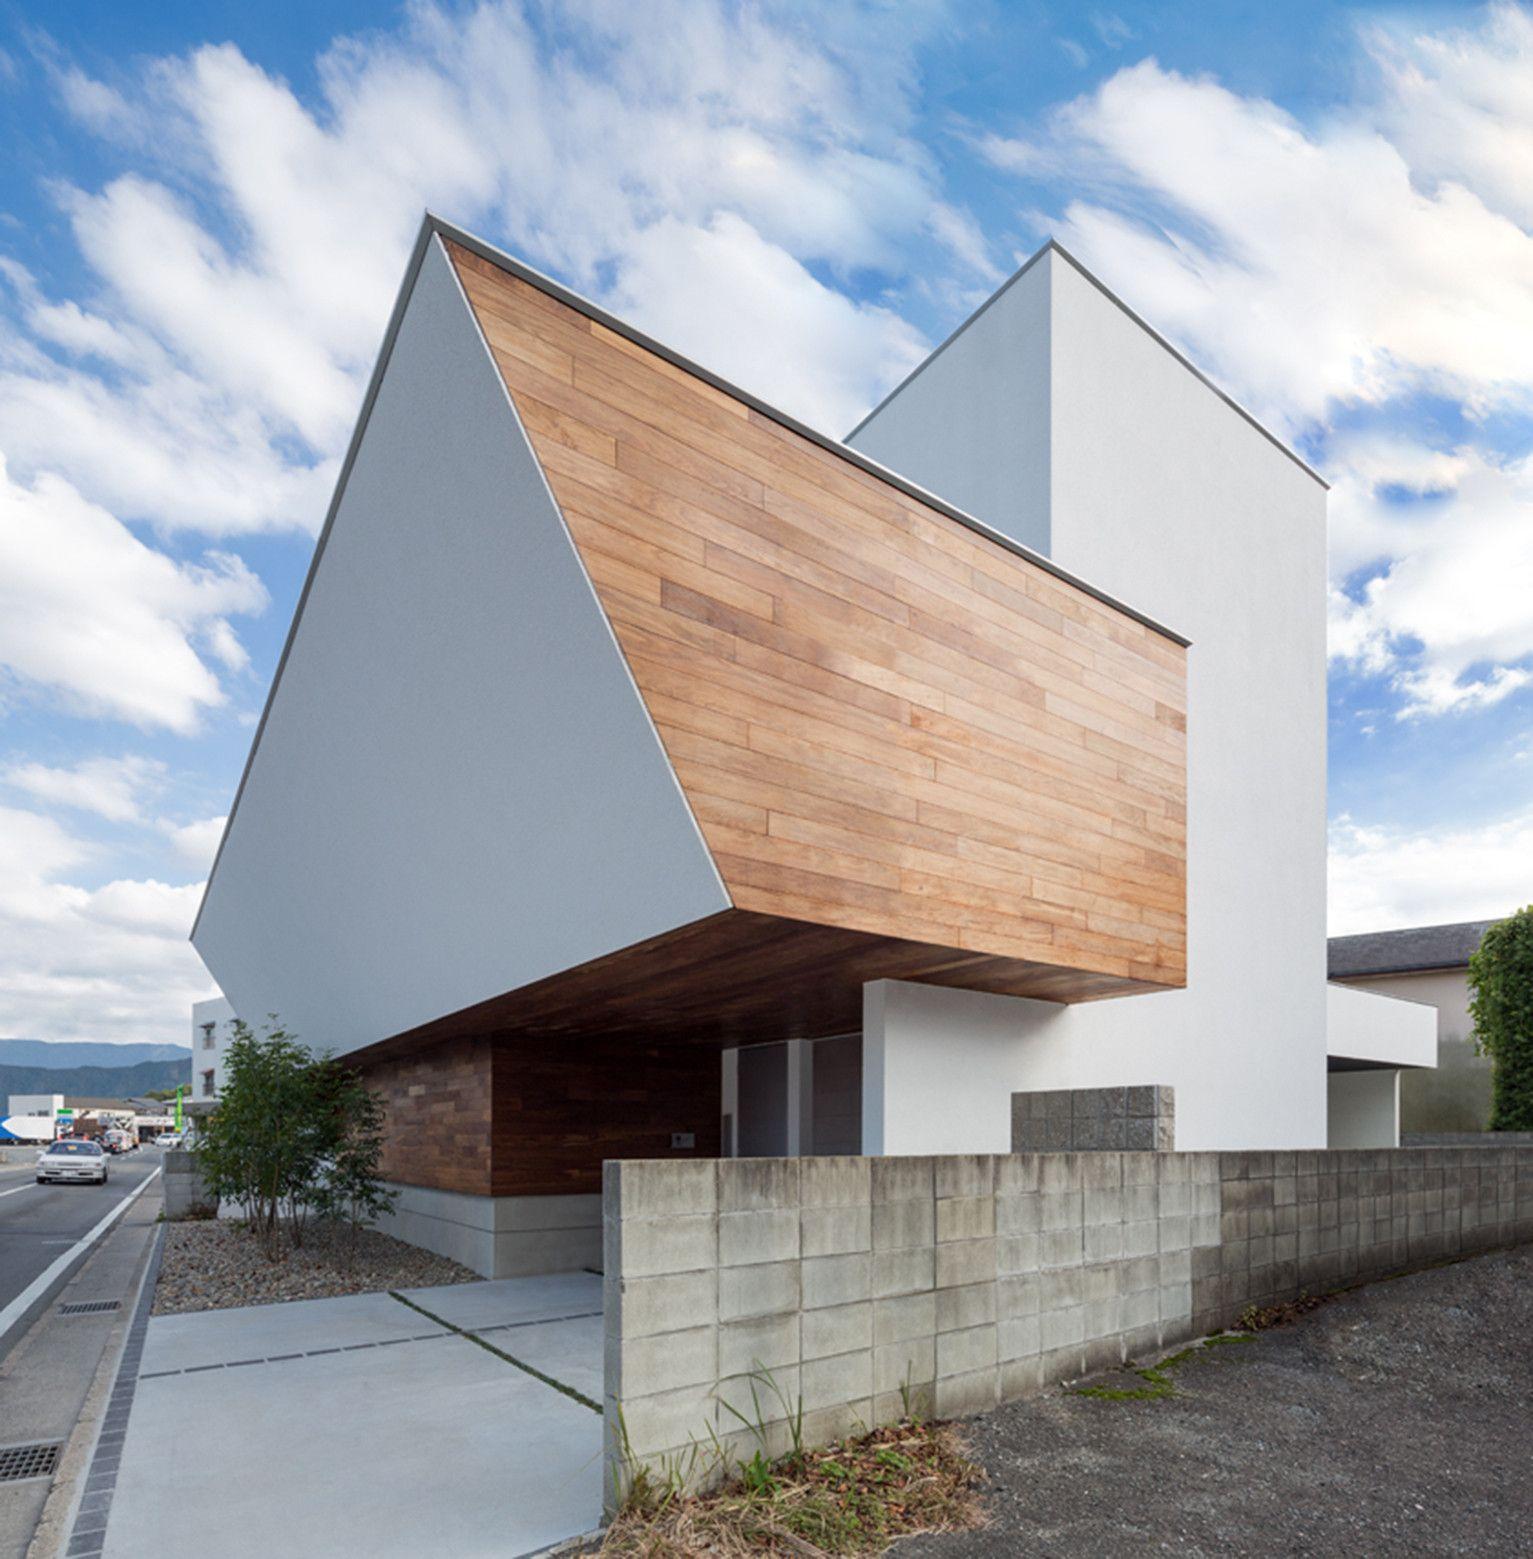 Gallery Of A2 House Masahiko Sato 1 Architect House Facade